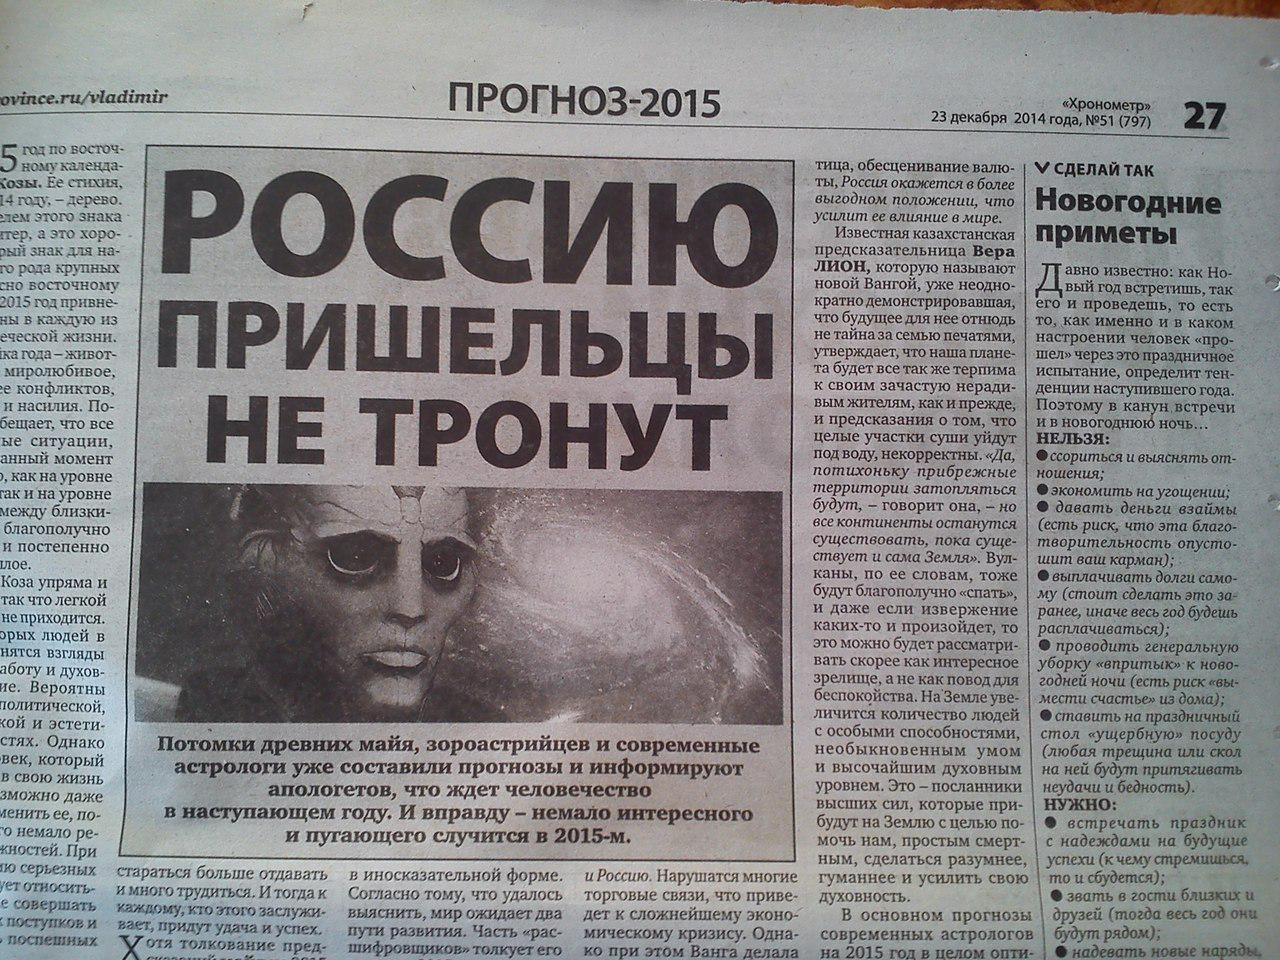 ГПУ предъявила обвинения экс-министру доходов и сборов Клименко - Цензор.НЕТ 8864